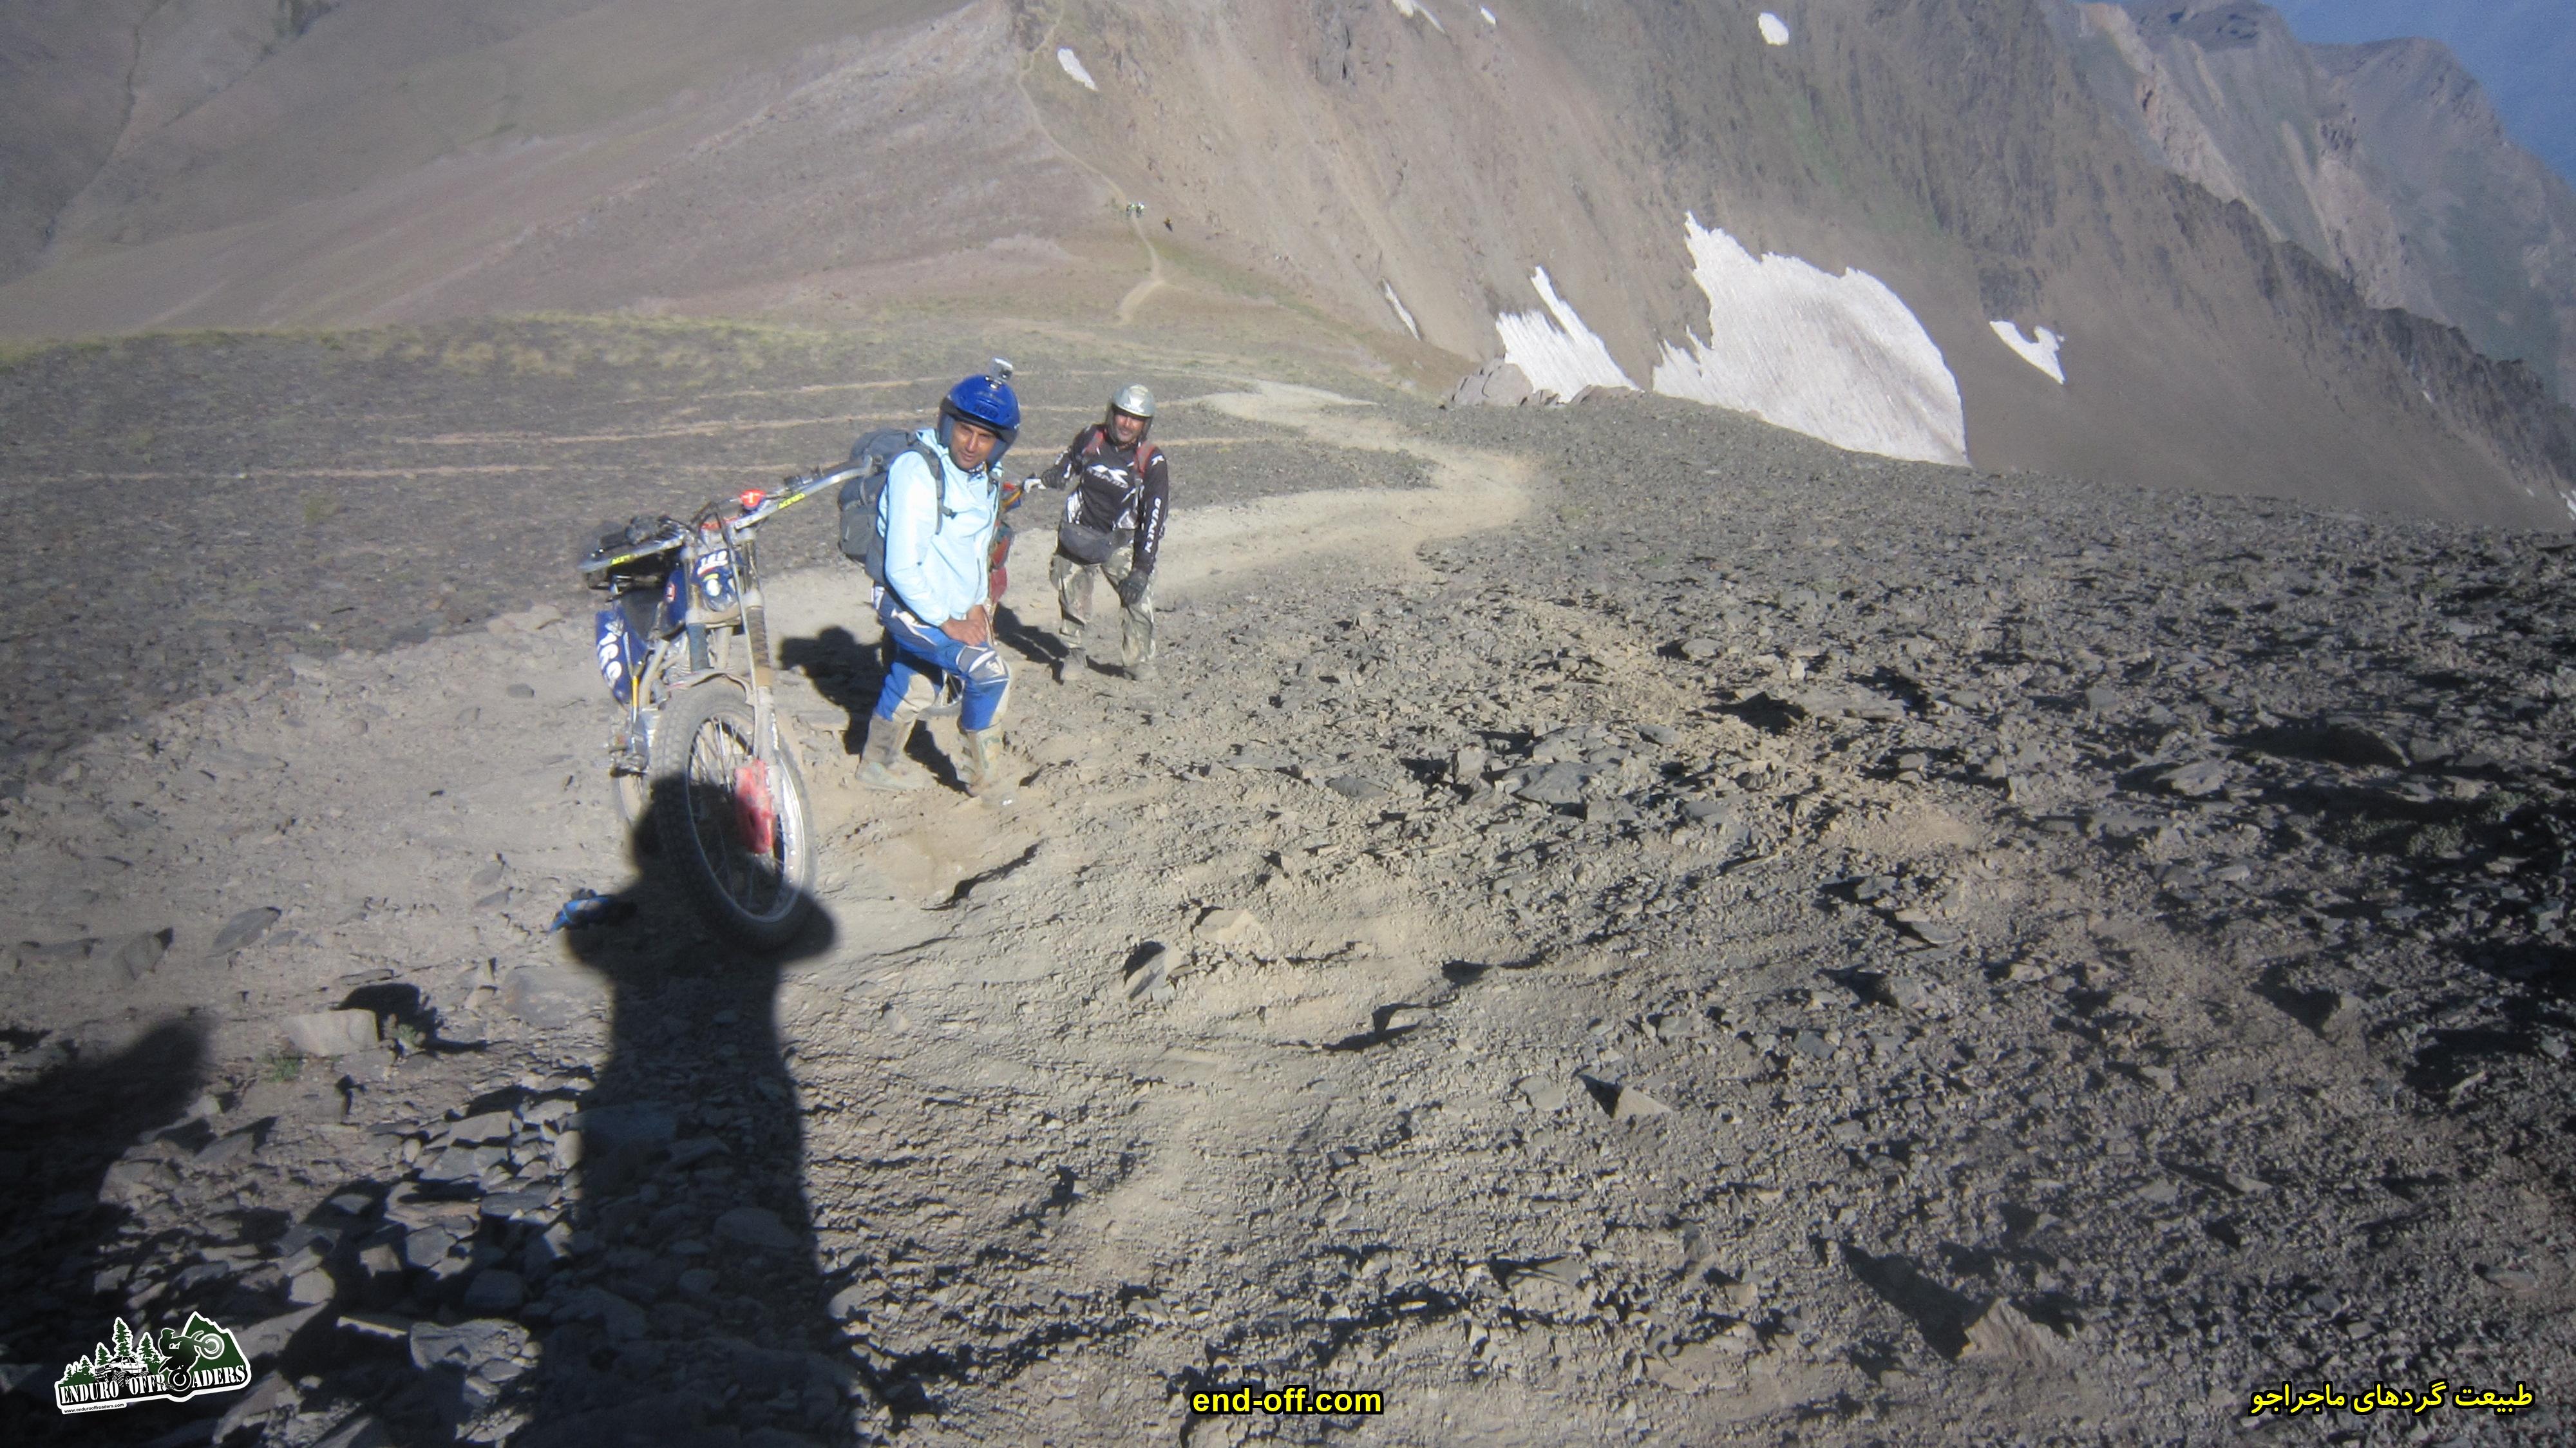 حامد کسمایی - صعود به قله سیالان با موتور برای اولین بار در ایران - تابستان 1399